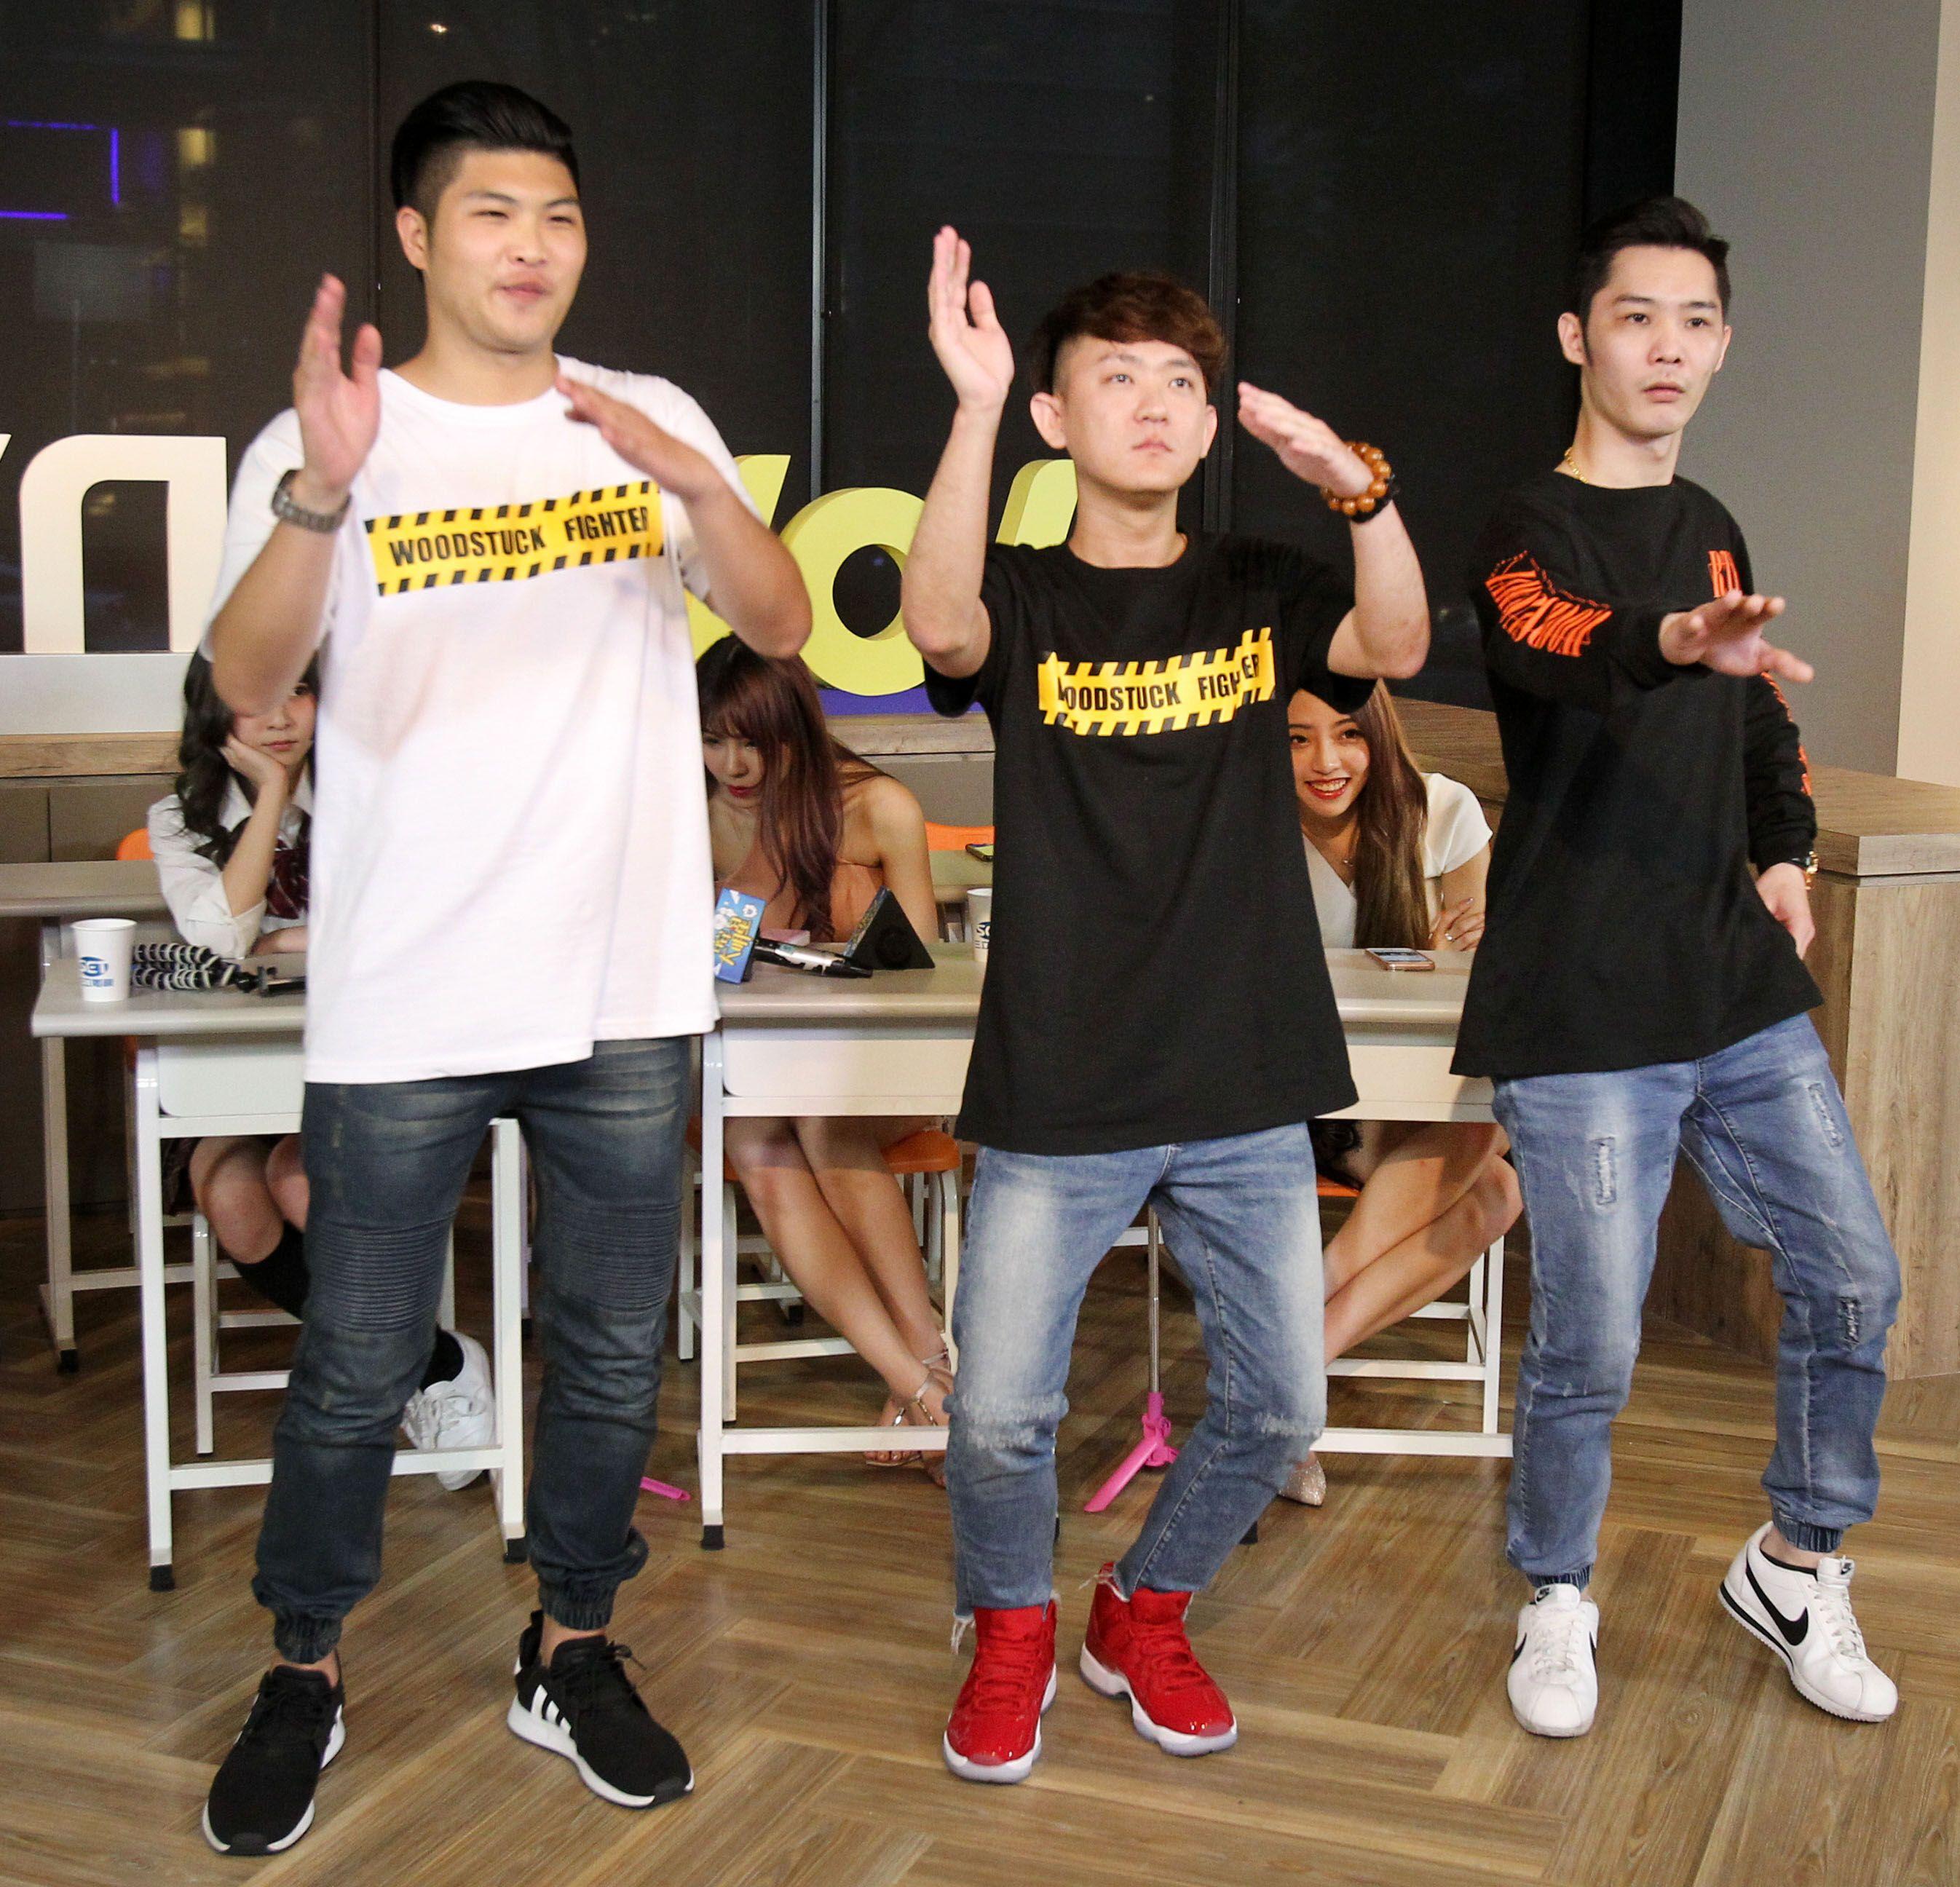 超人氣網紅周吉、林良吉、黃孝哲三人組跳海草舞。(記者邱榮吉/攝影)